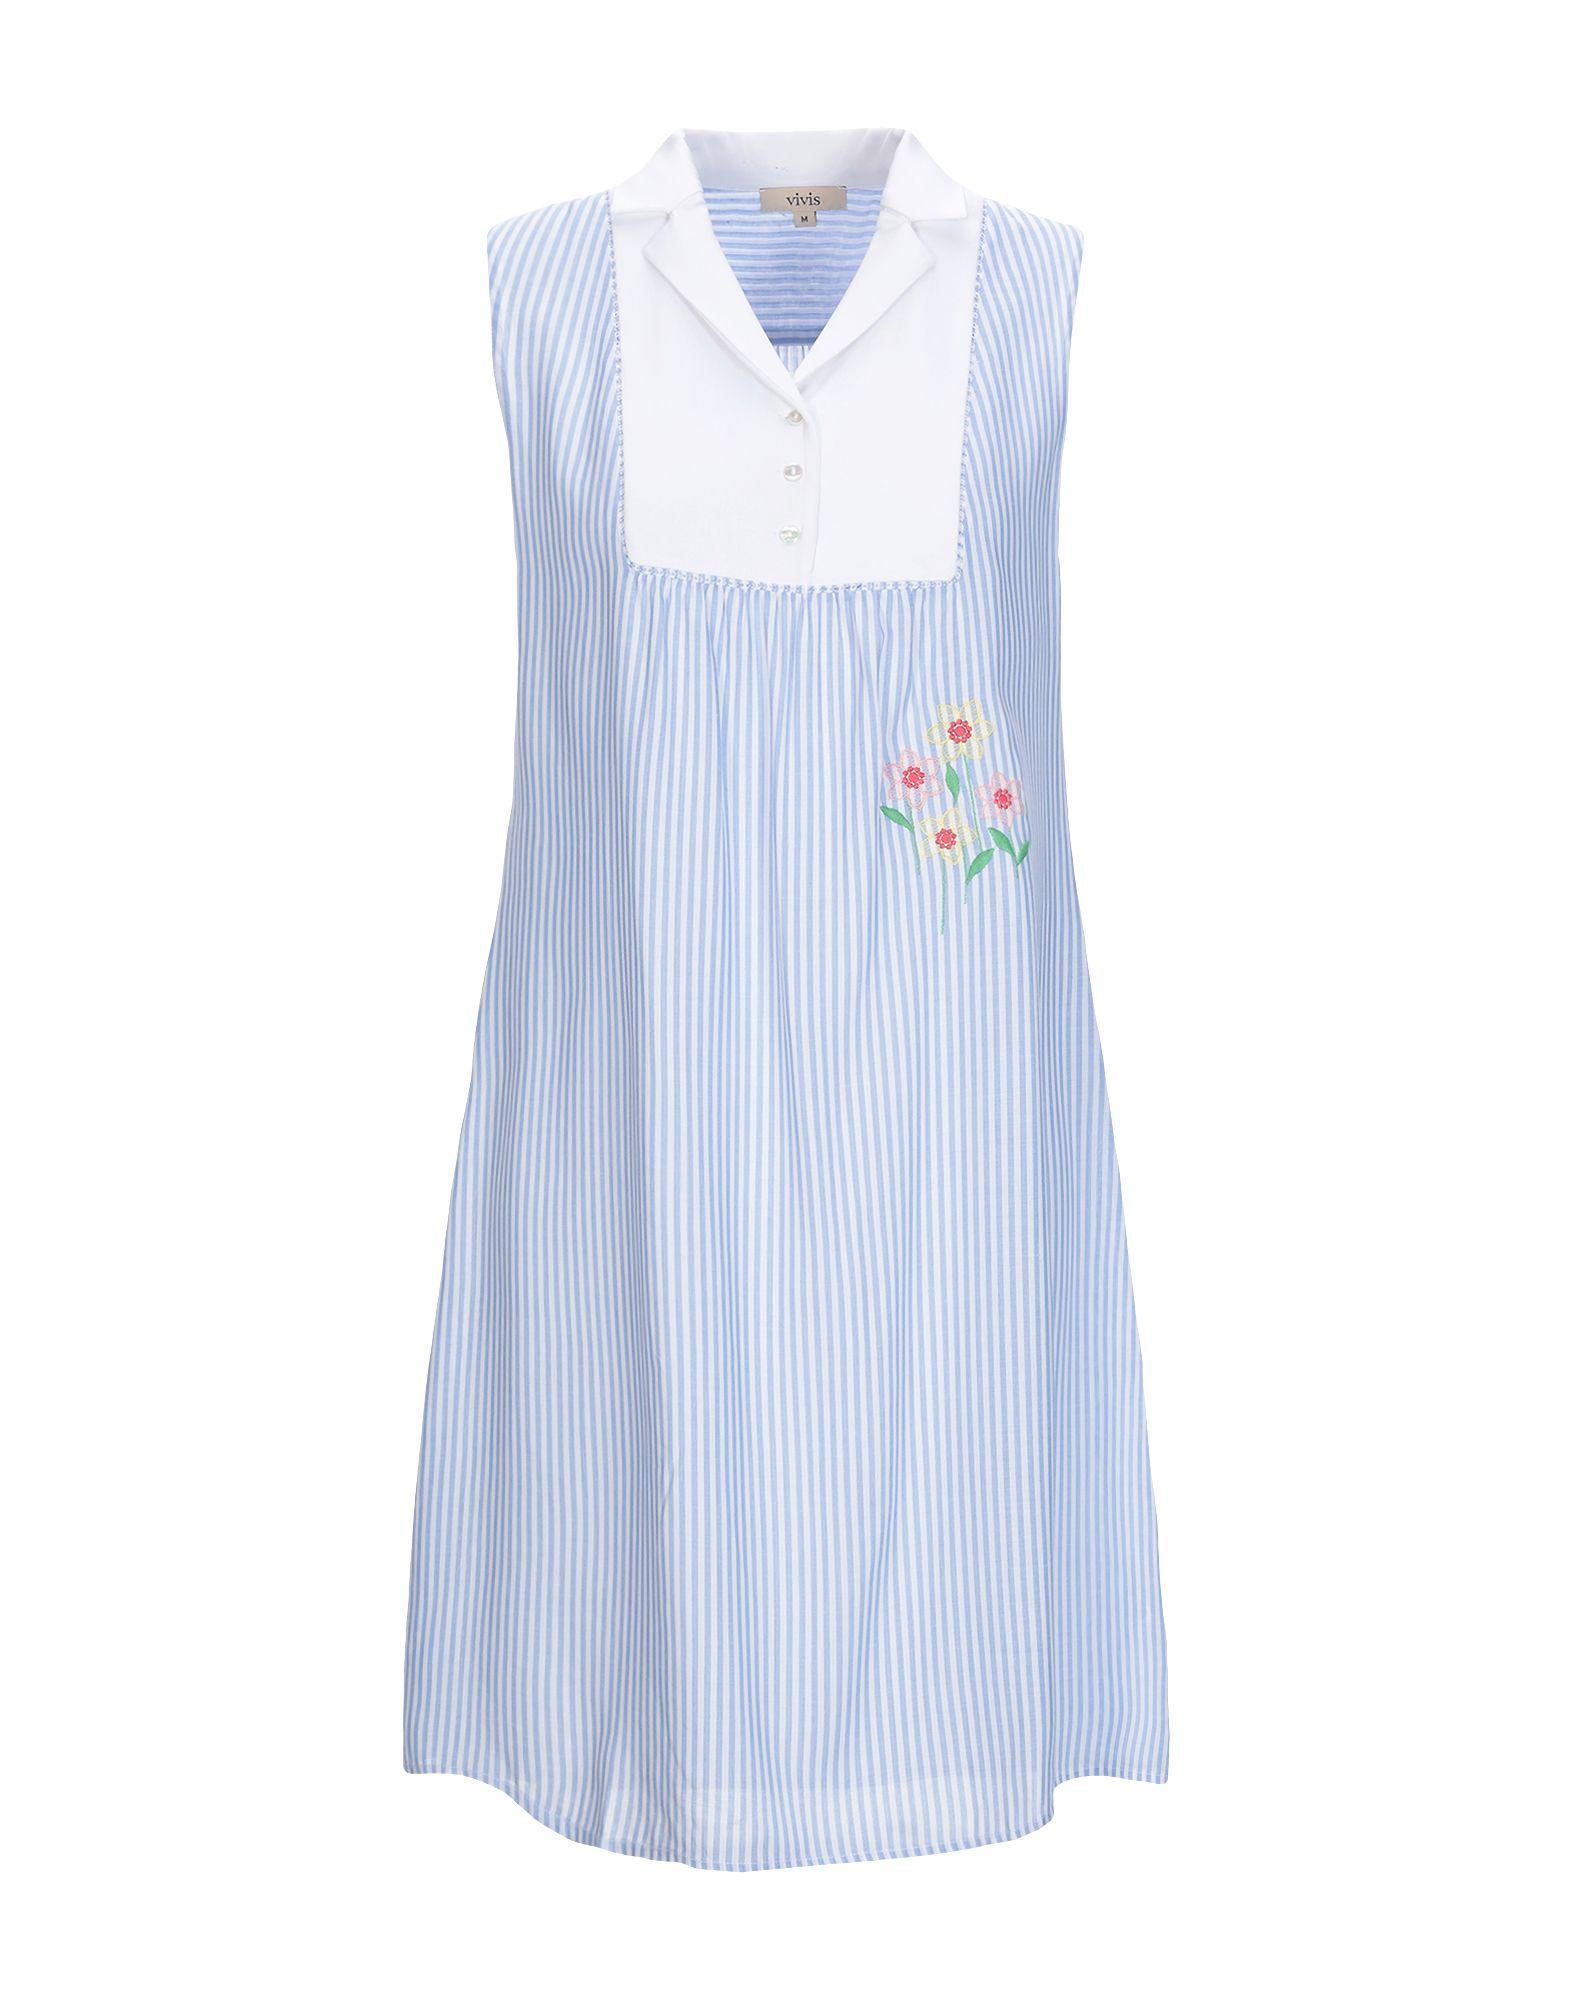 VIVIS Ночная рубашка ночная рубашка с кружевом olala